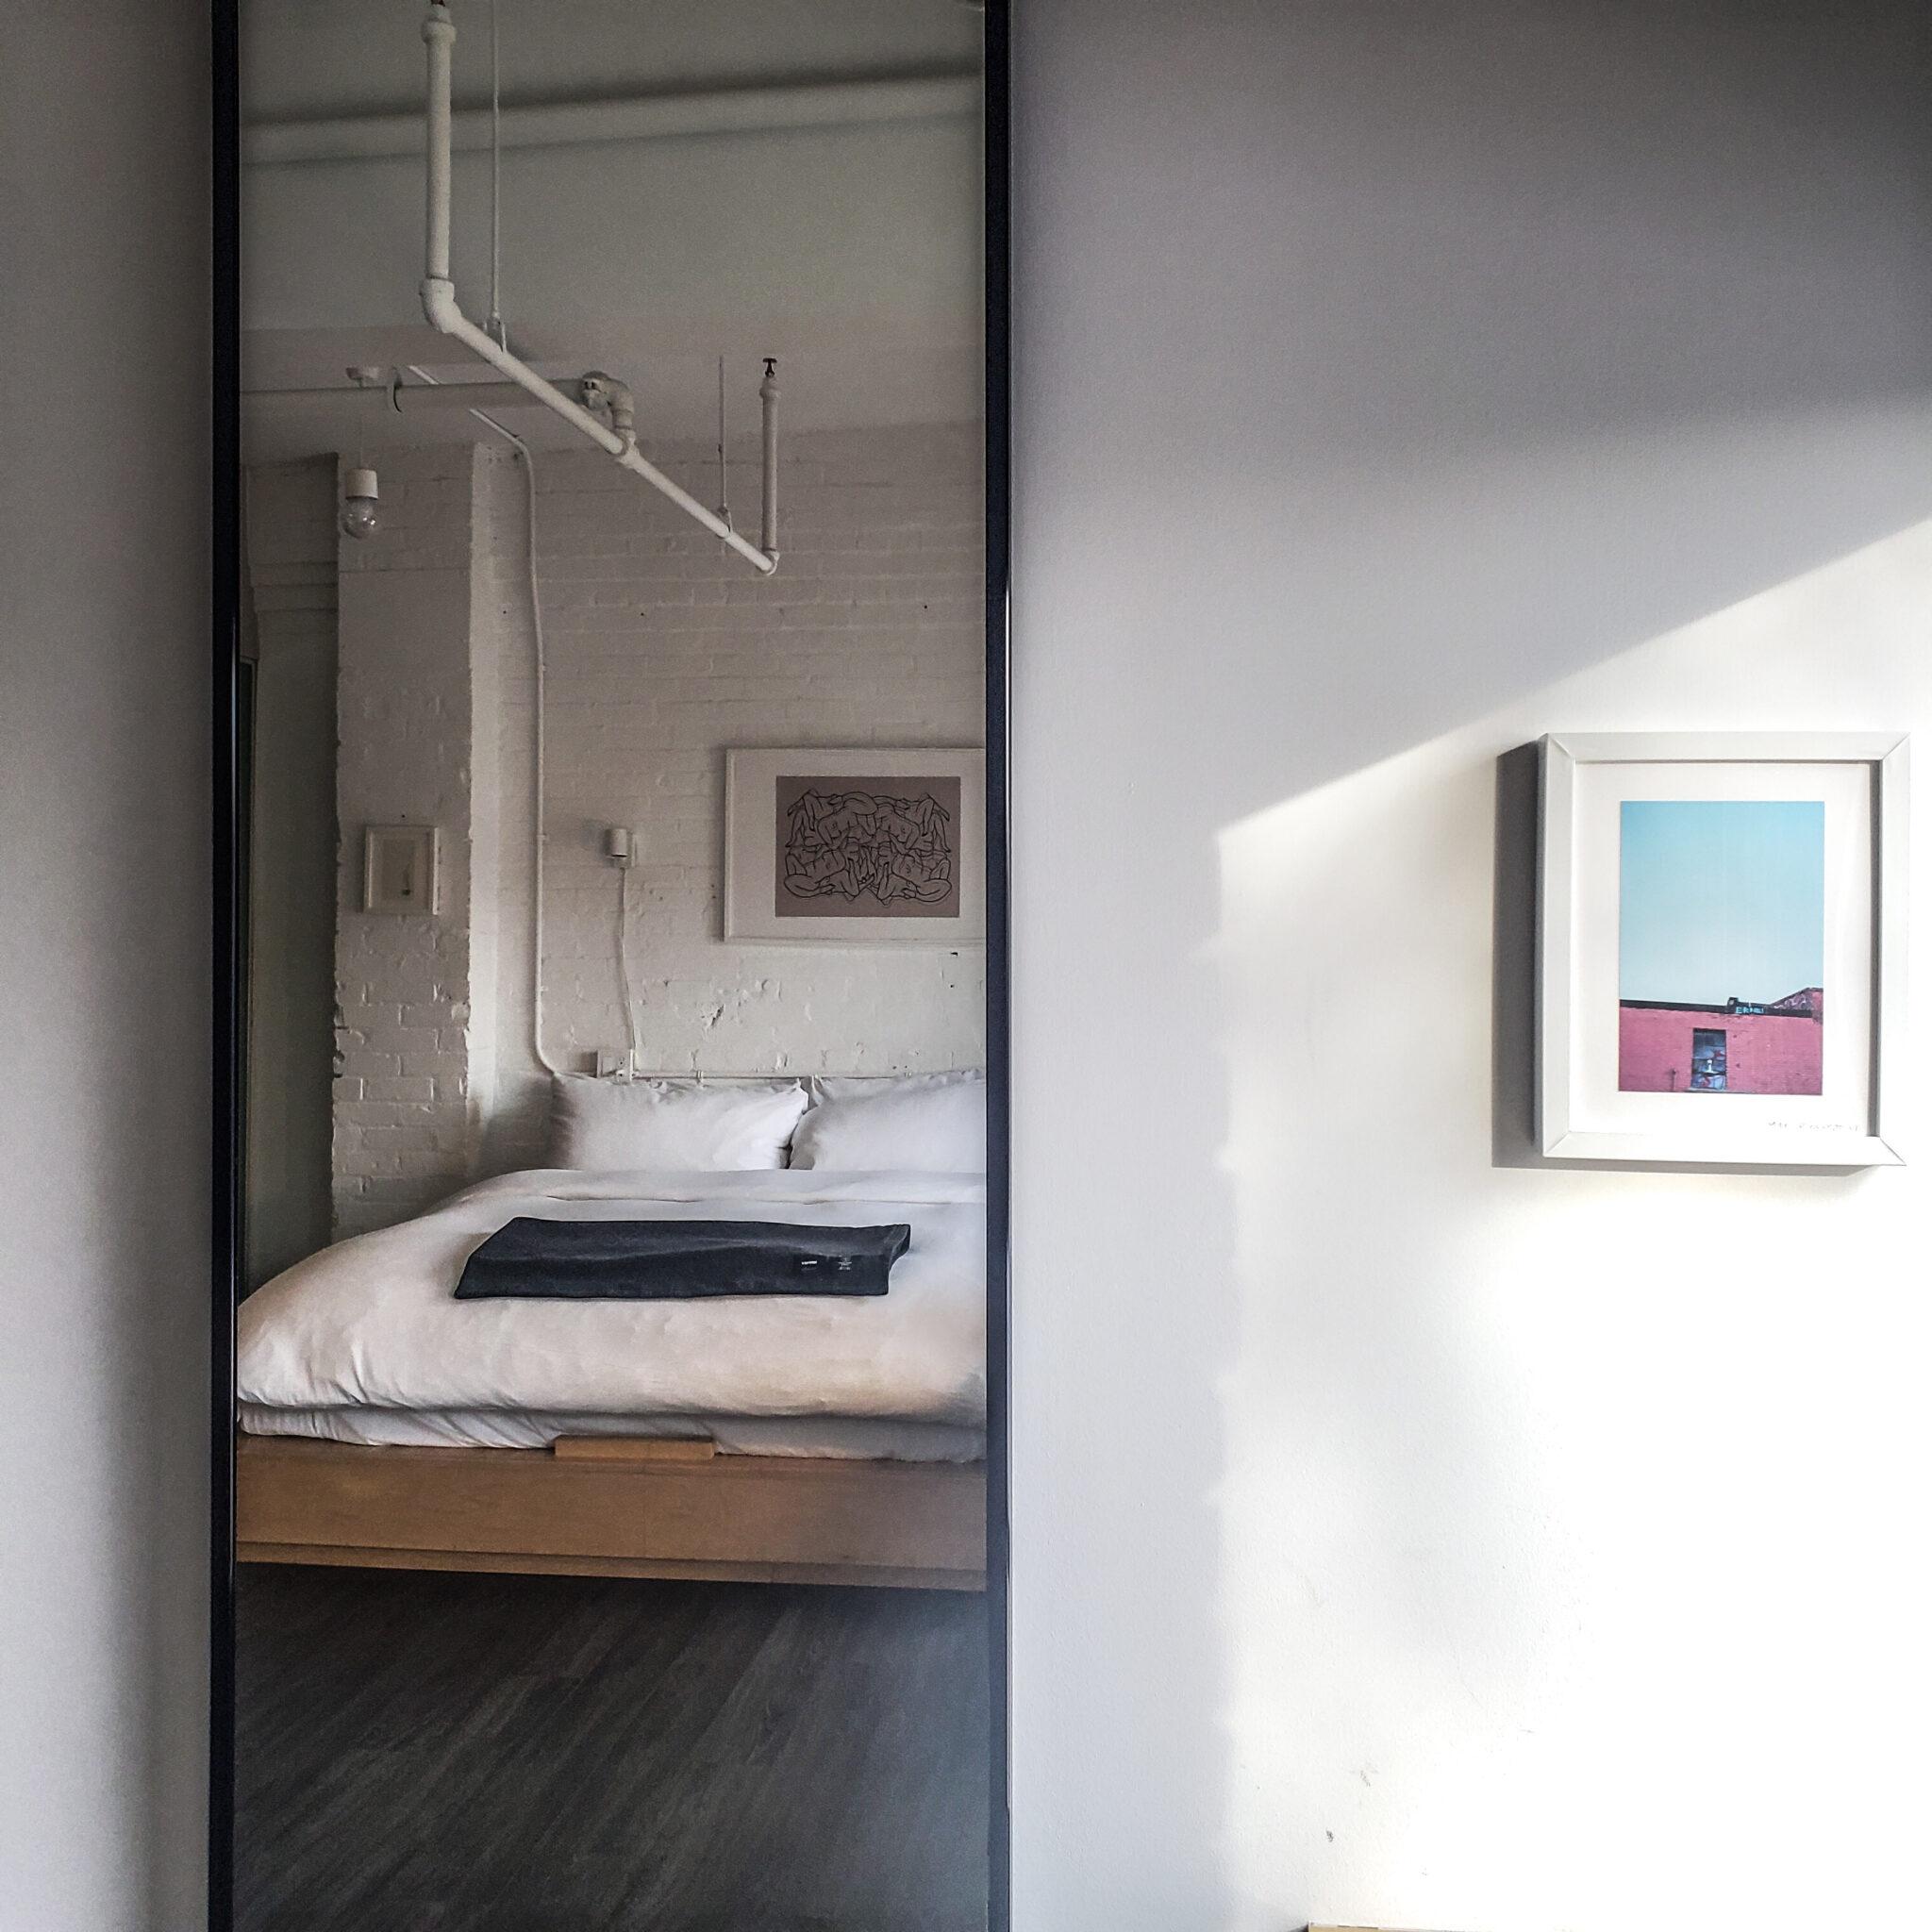 Annex Hotel - The Annex Toronto - Boutique Hotel - Room - Mirror